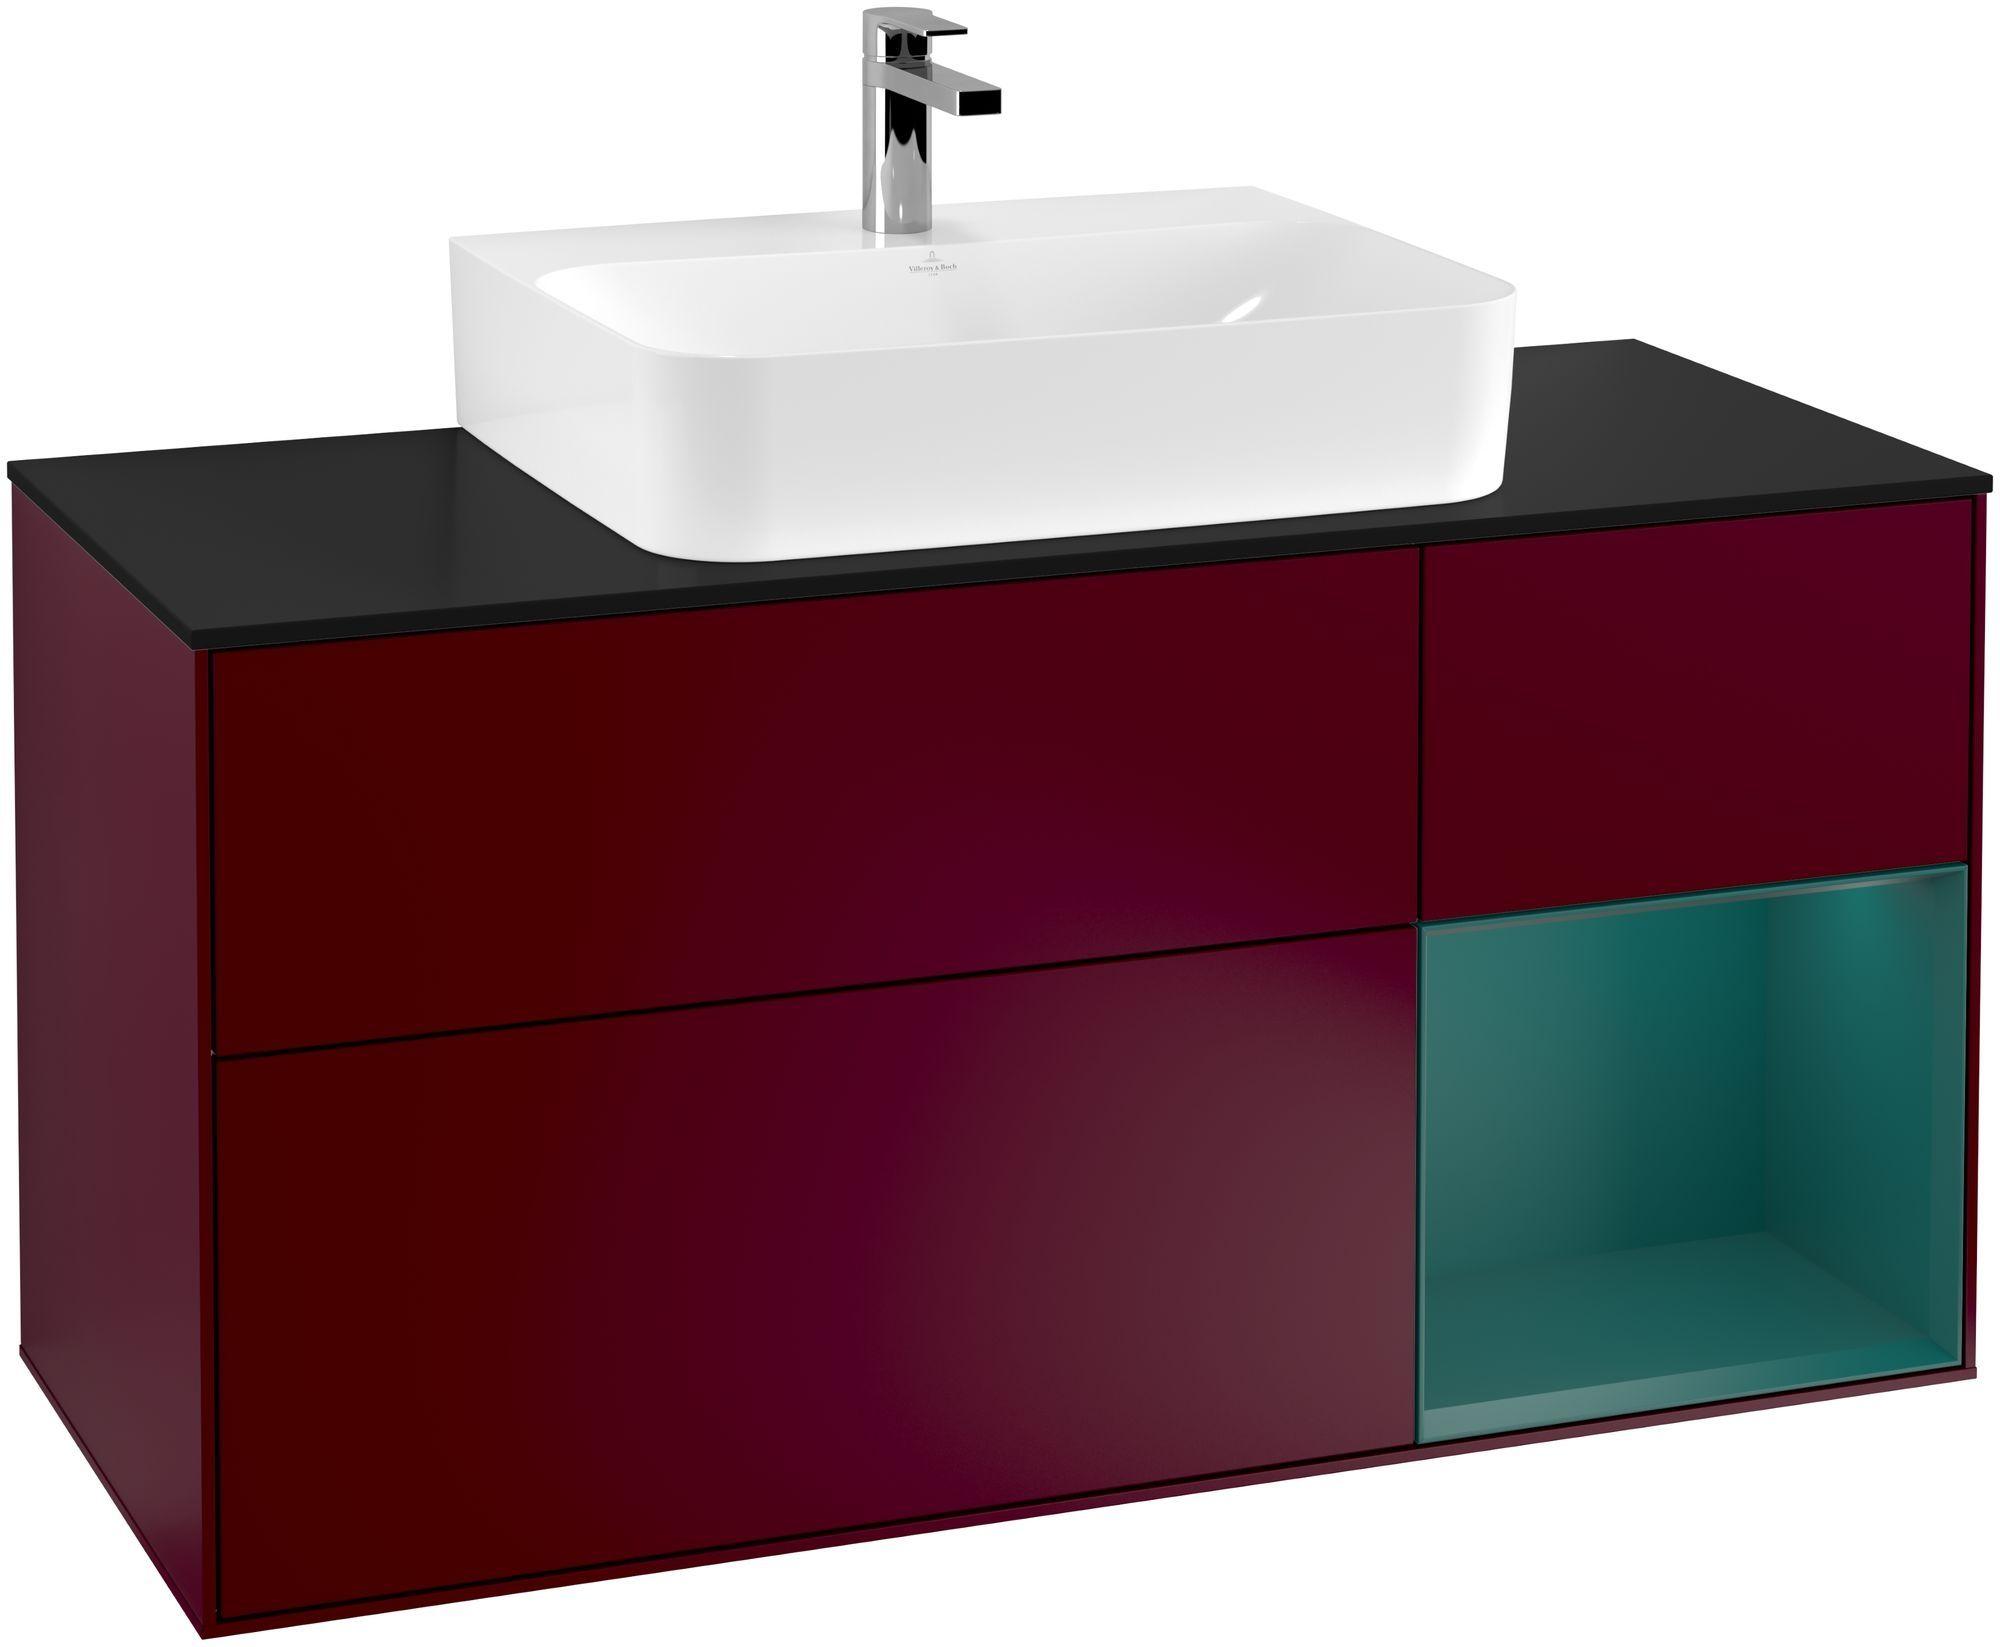 Villeroy & Boch Finion G17 Waschtischunterschrank mit Regalelement 3 Auszüge Waschtisch mittig LED-Beleuchtung B:120xH:60,3xT:50,1cm Front, Korpus: Peony, Regal: Cedar, Glasplatte: Black Matt G172GSHB